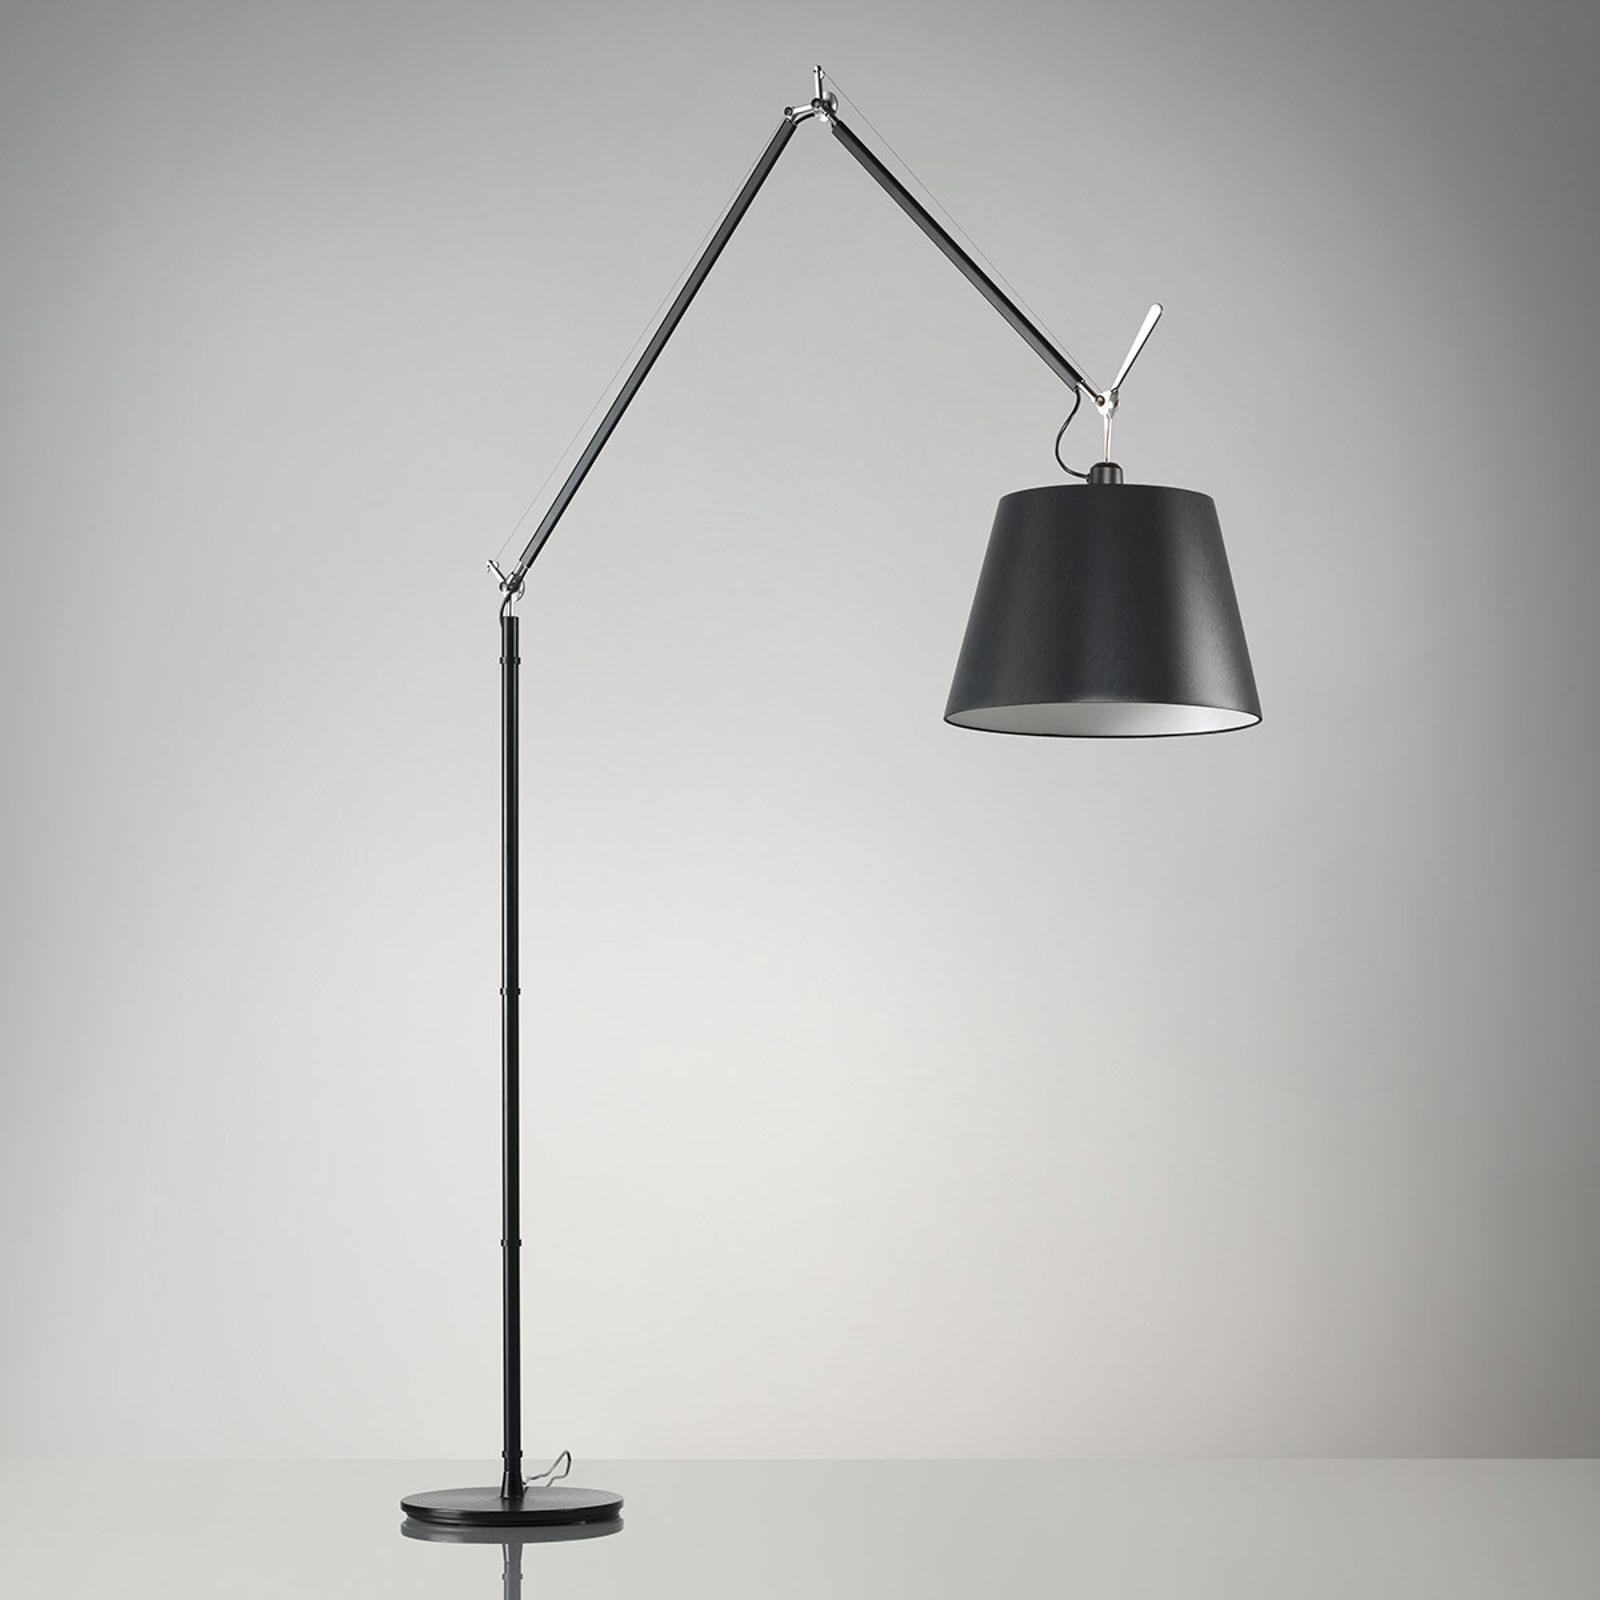 Artemide Tolomeo Mega vloerlamp 2.700K Ø 32 cm